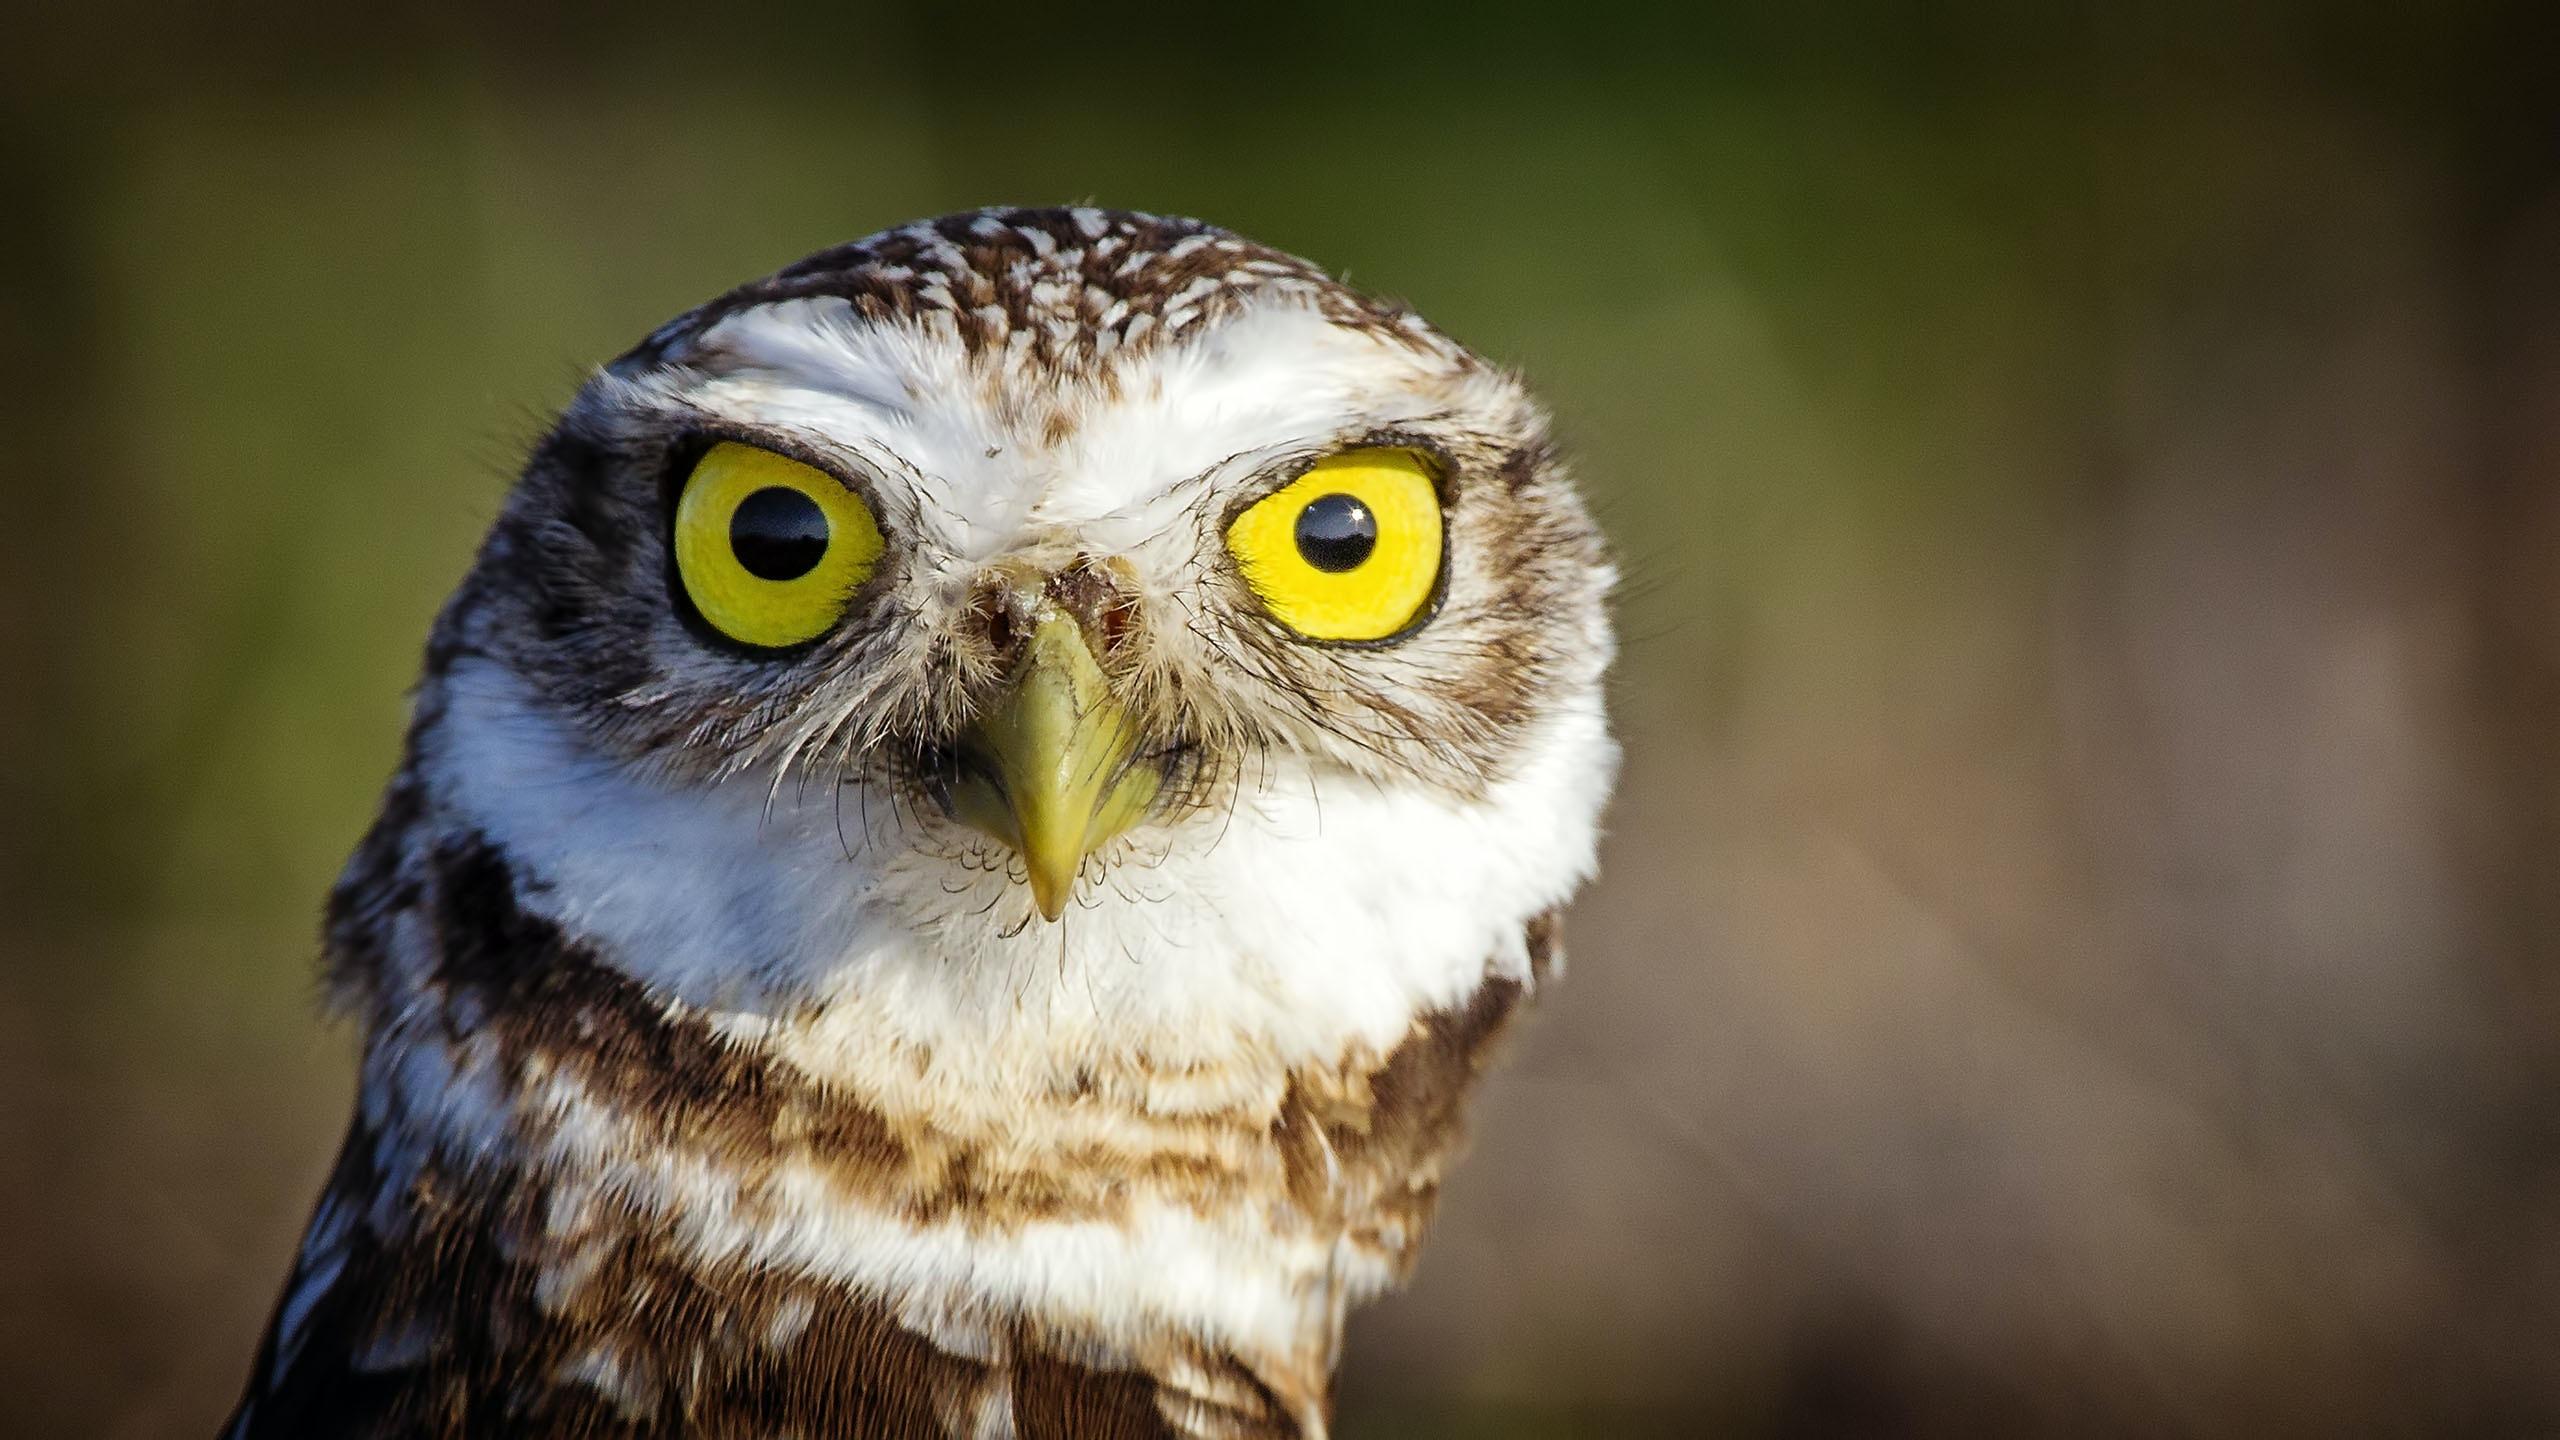 closeup photo of brown owl